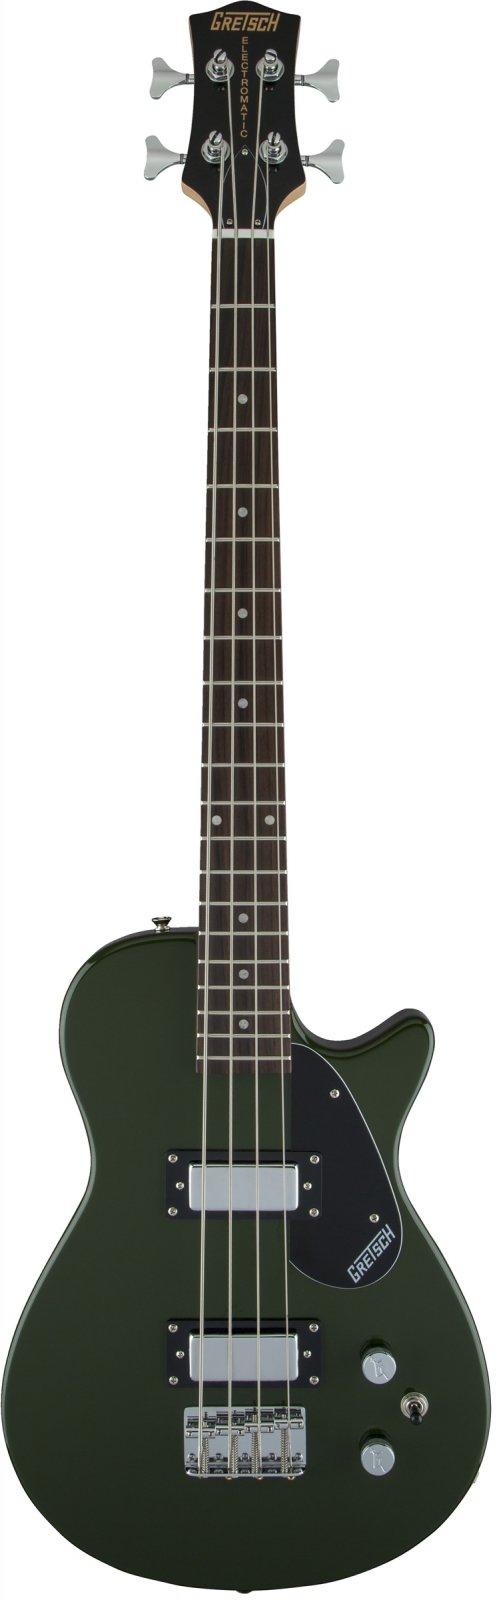 Gretsch G2220 Electromatic Junior Jet Bass II